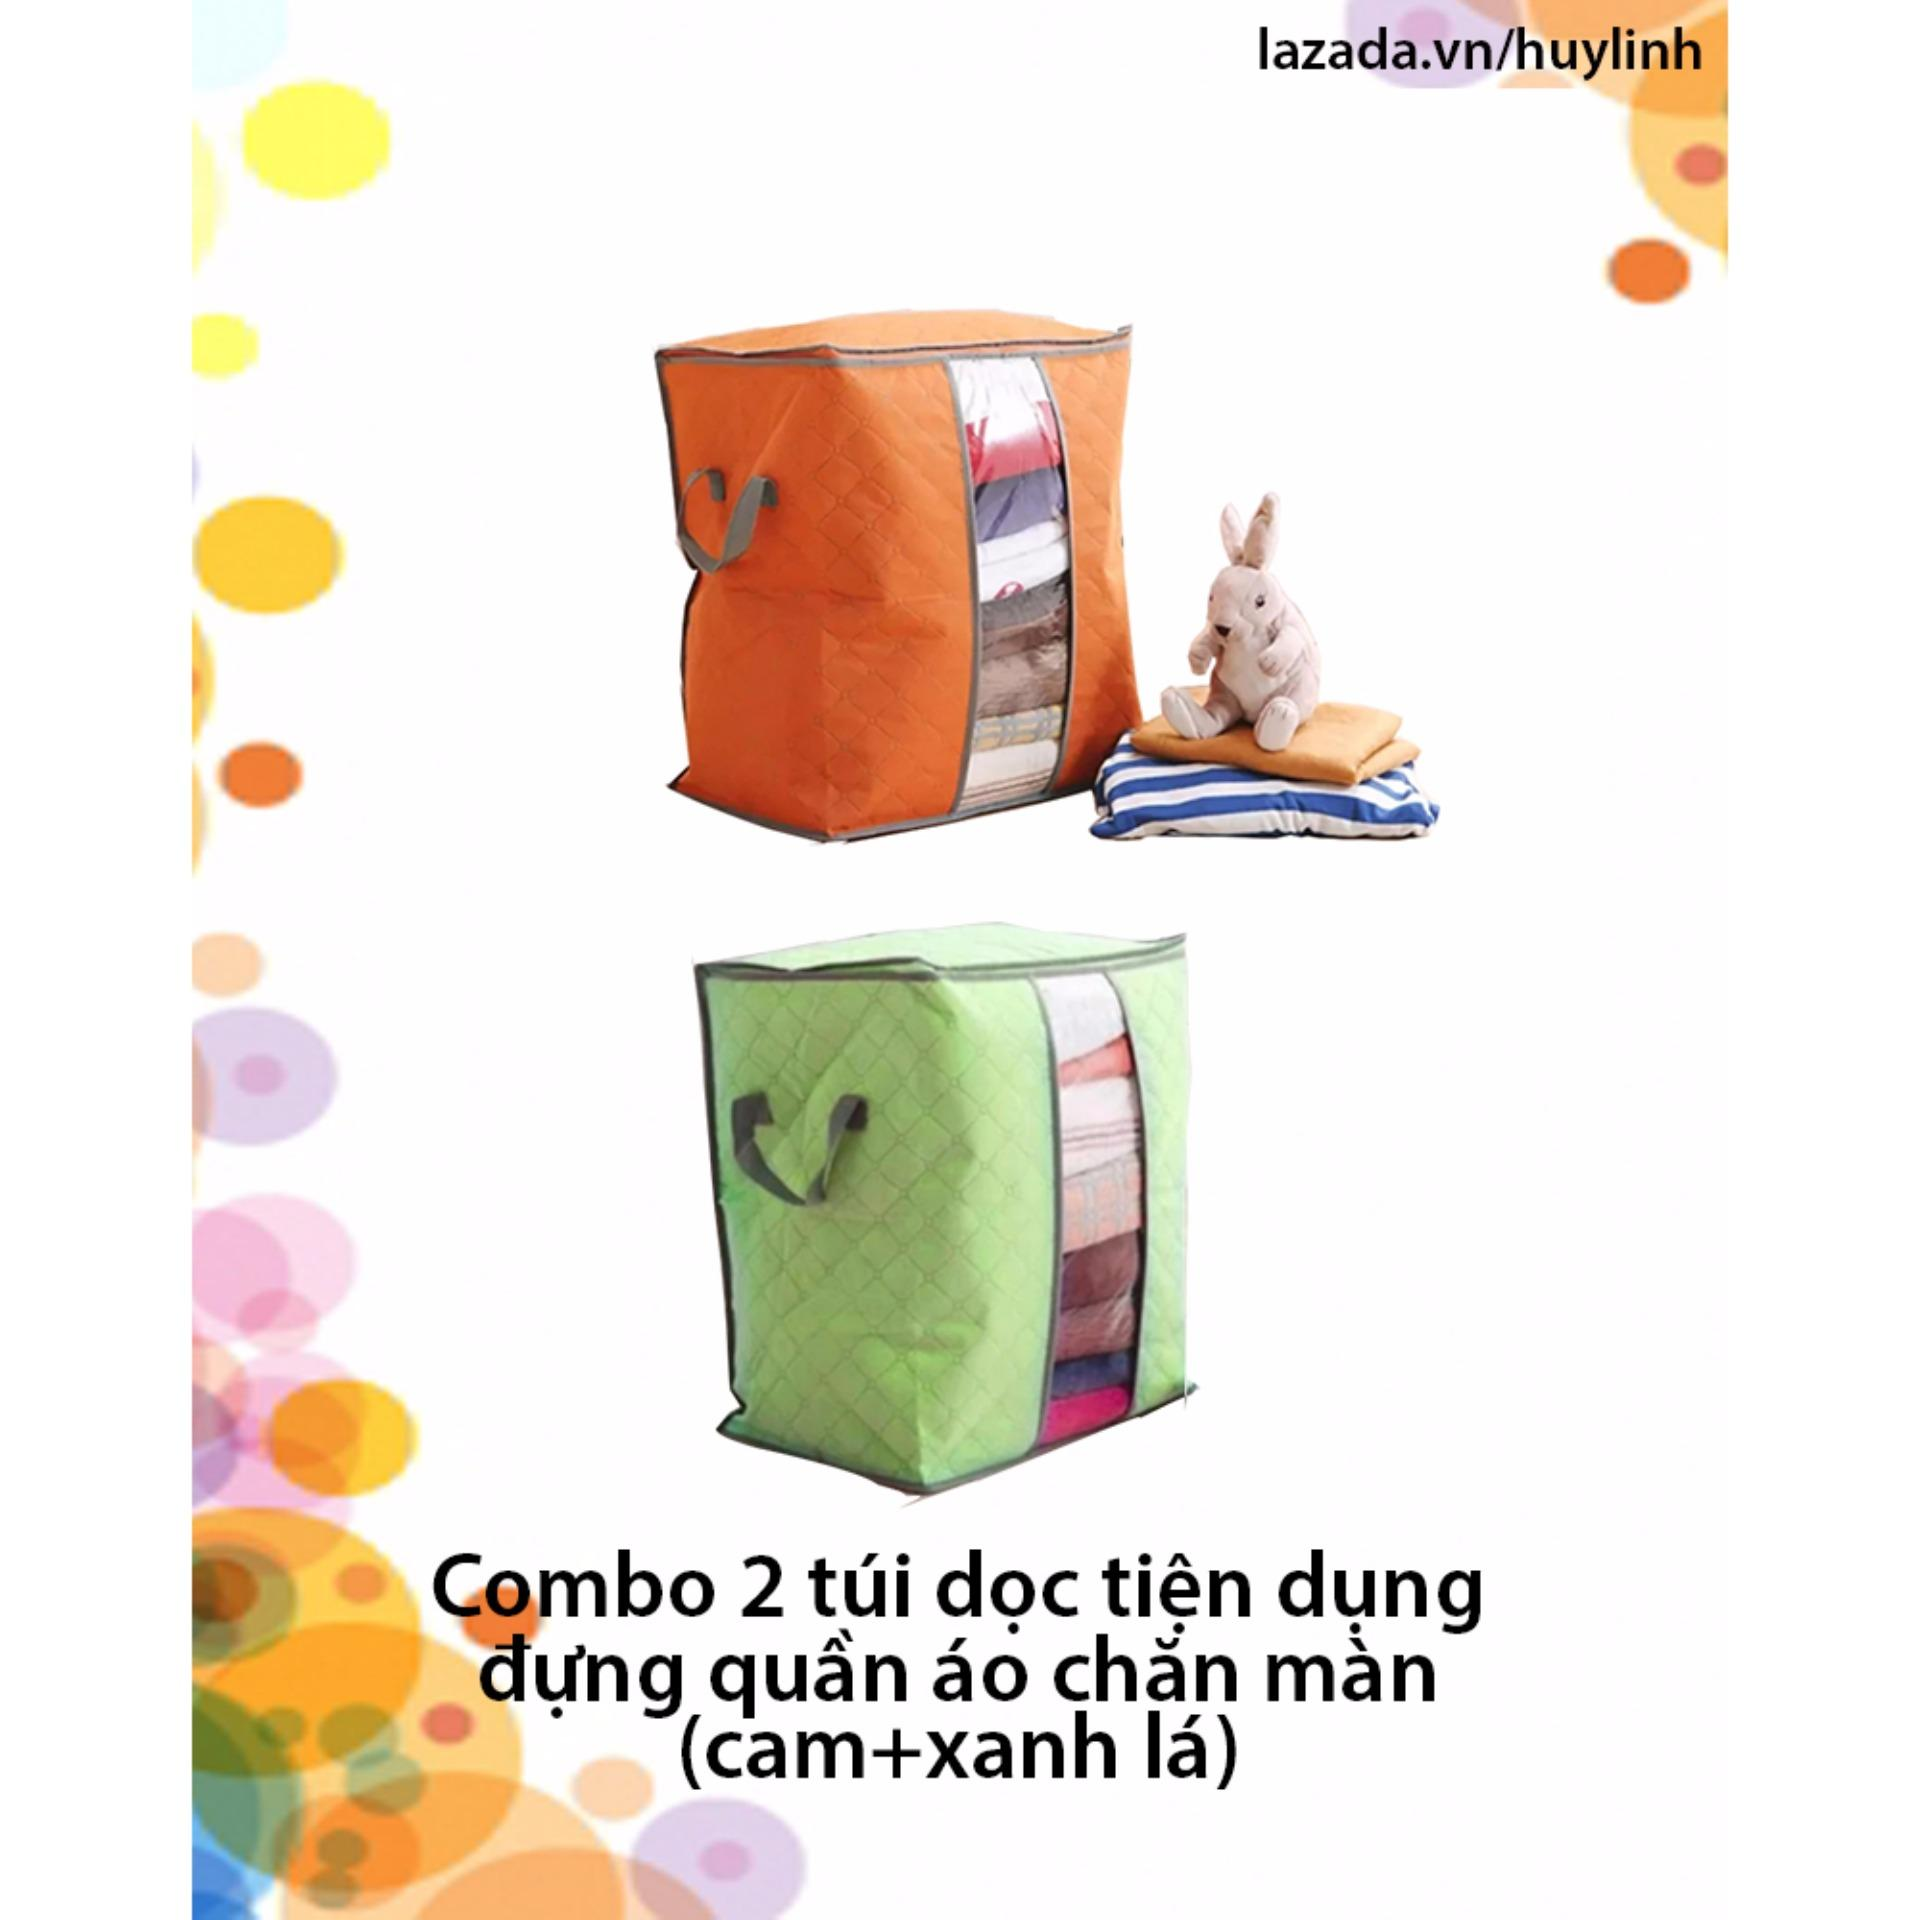 combo 2 túi dọc tiện dụng đựng quần áo chăn màn (cam +xanh lá)